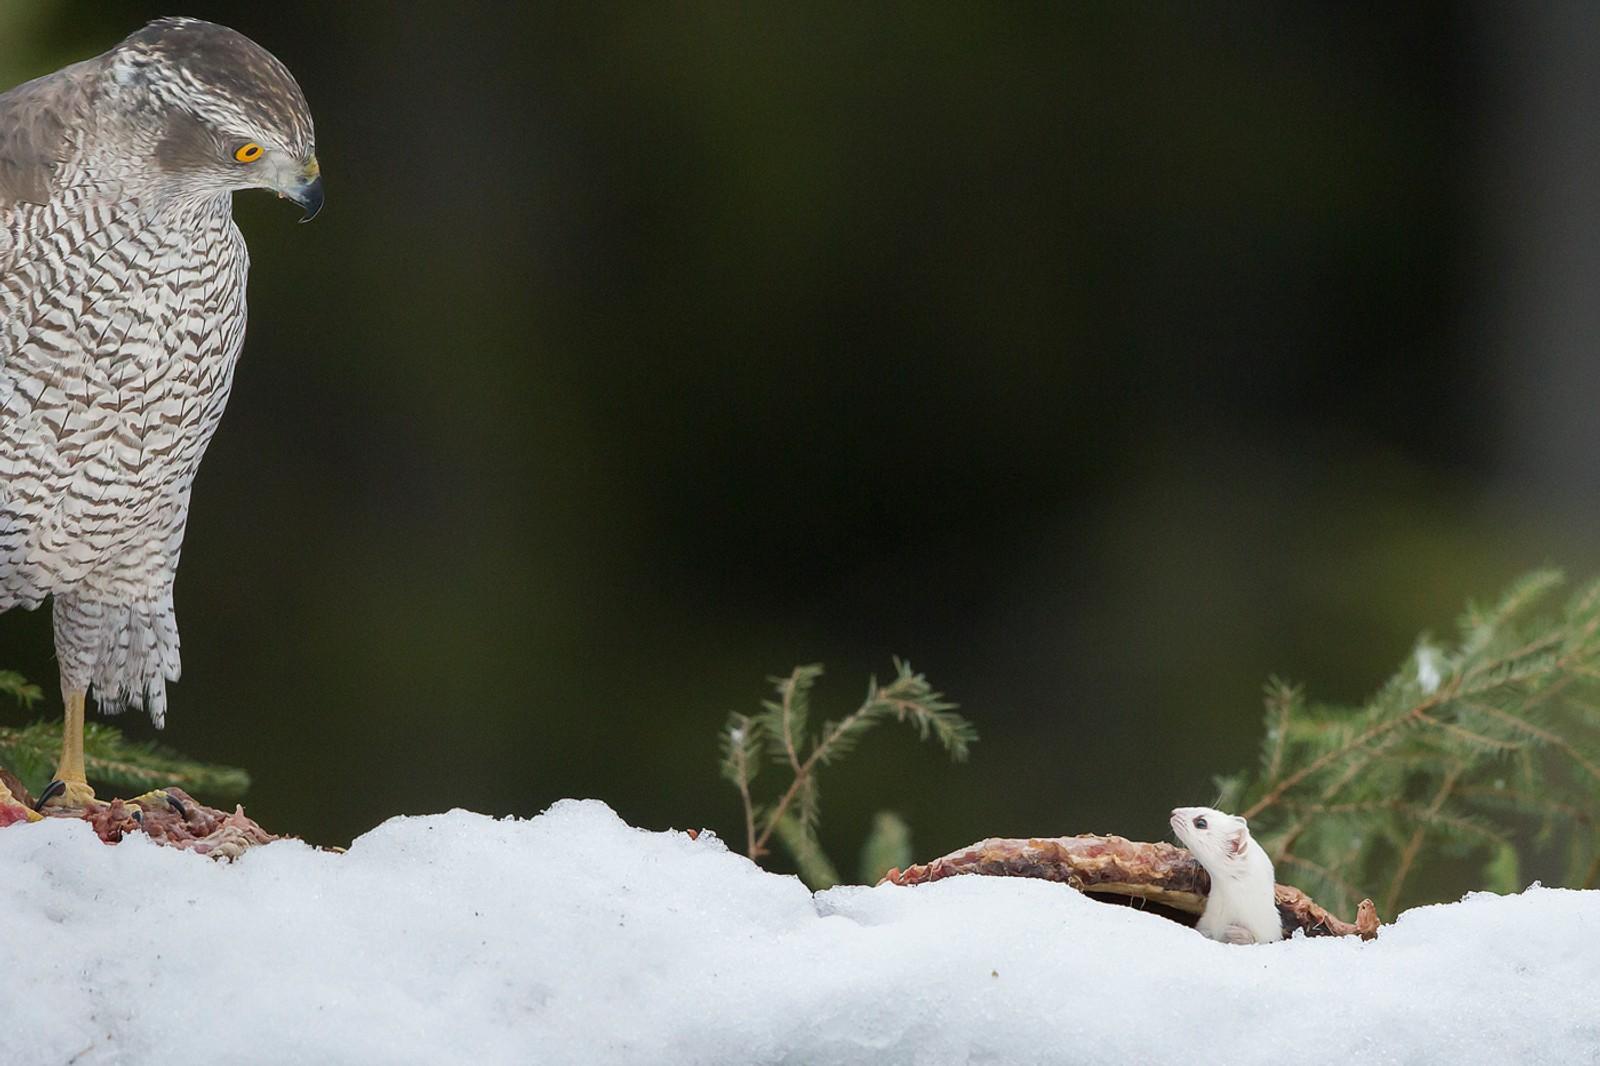 Vinner av årets nordiske fuglebilde ble Niclas Ahlberg.